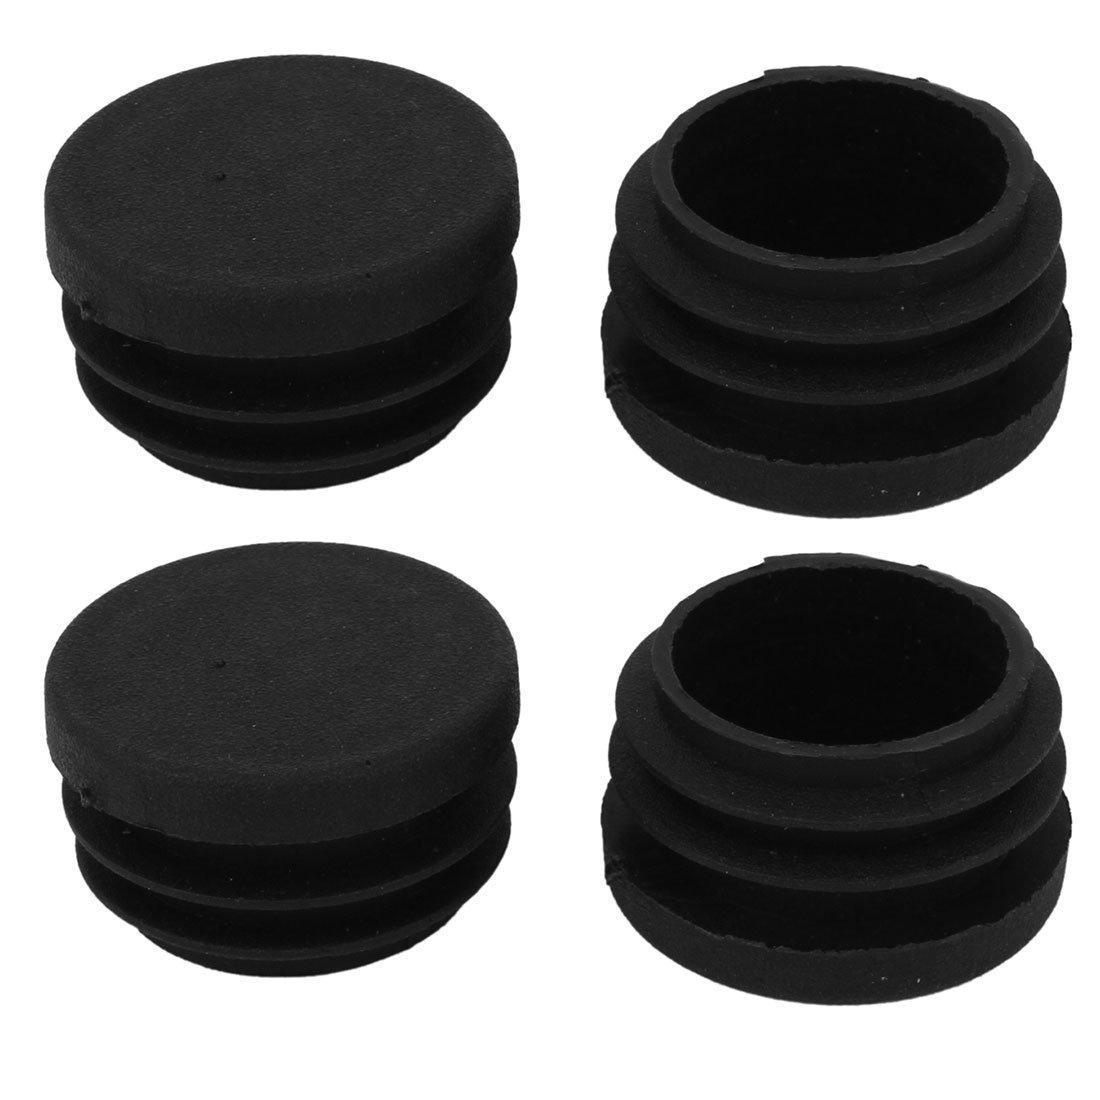 30mmx21mm Pl/ástico Negro Ciego Tapones Para Patas Tubo Inserci/ón Tapa Tap/ón 4 Piezas